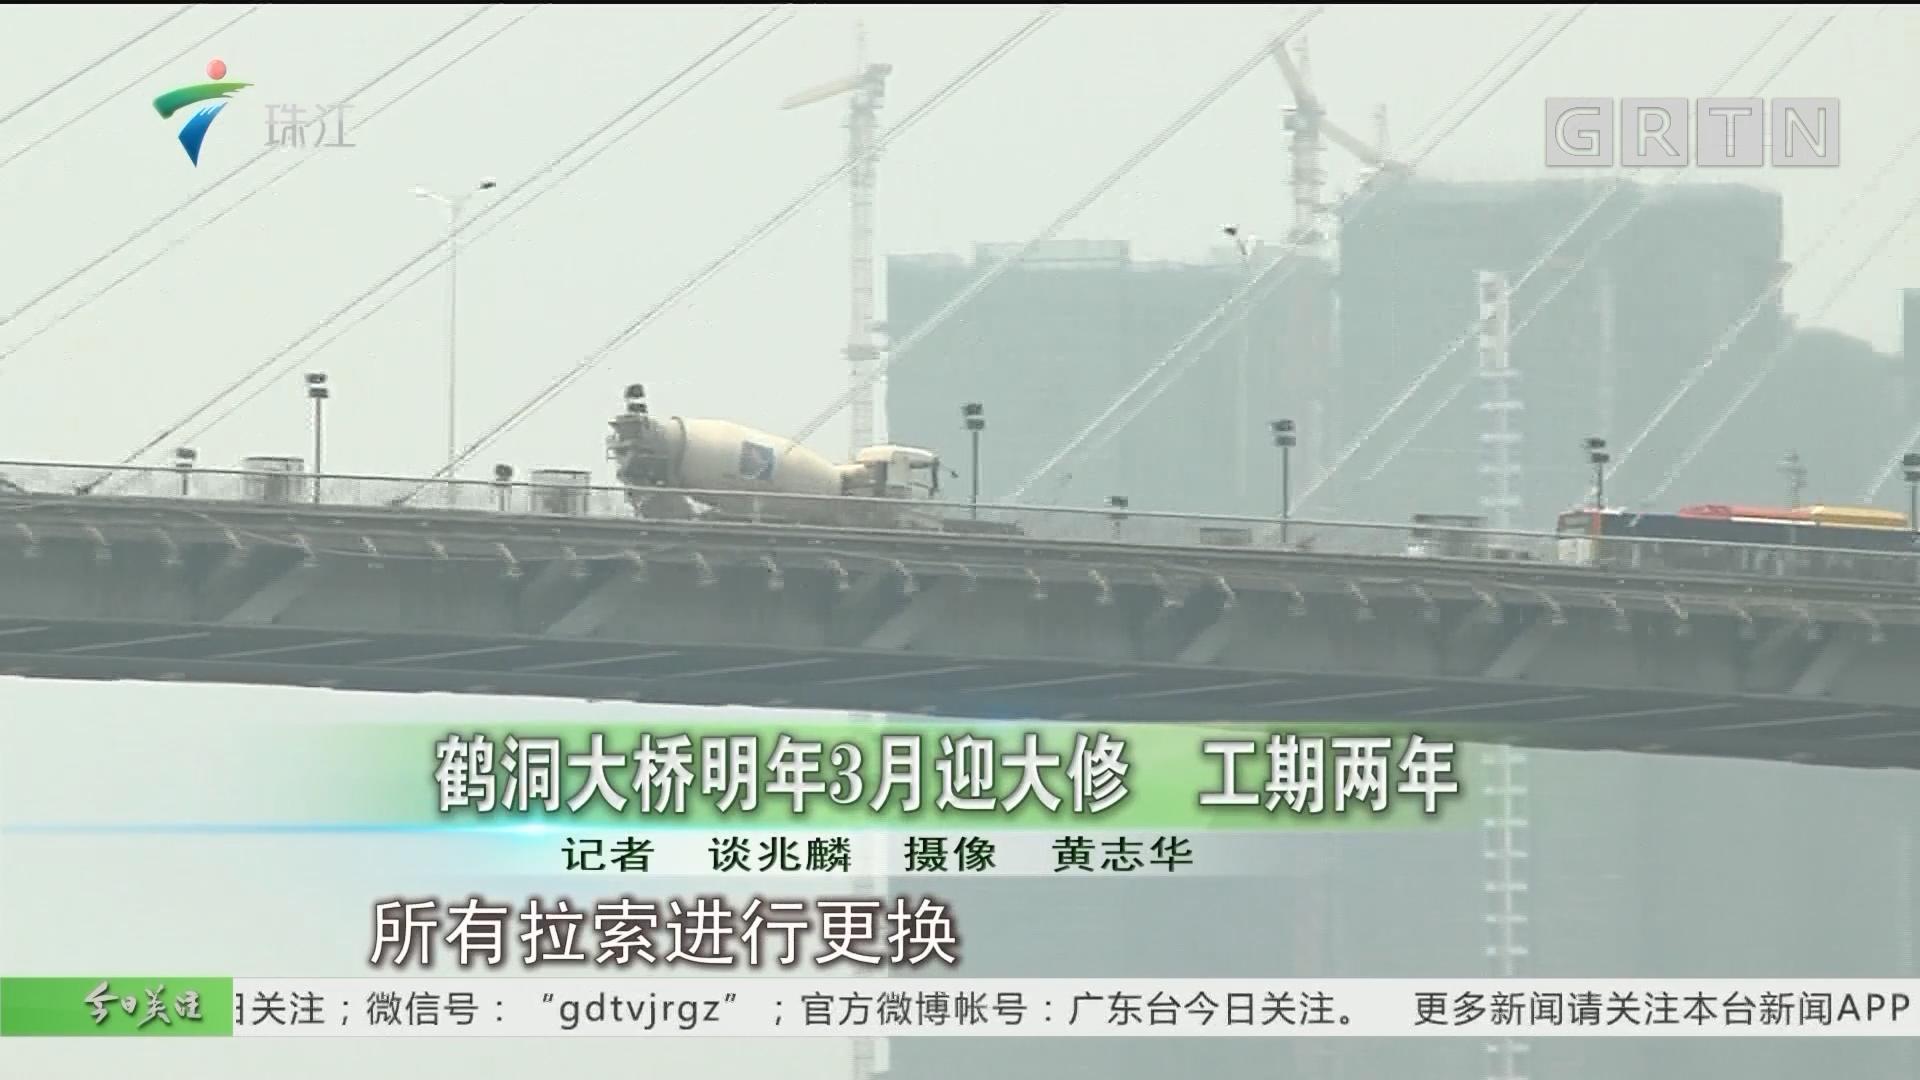 鶴洞大橋明年3月迎大修 工期兩年